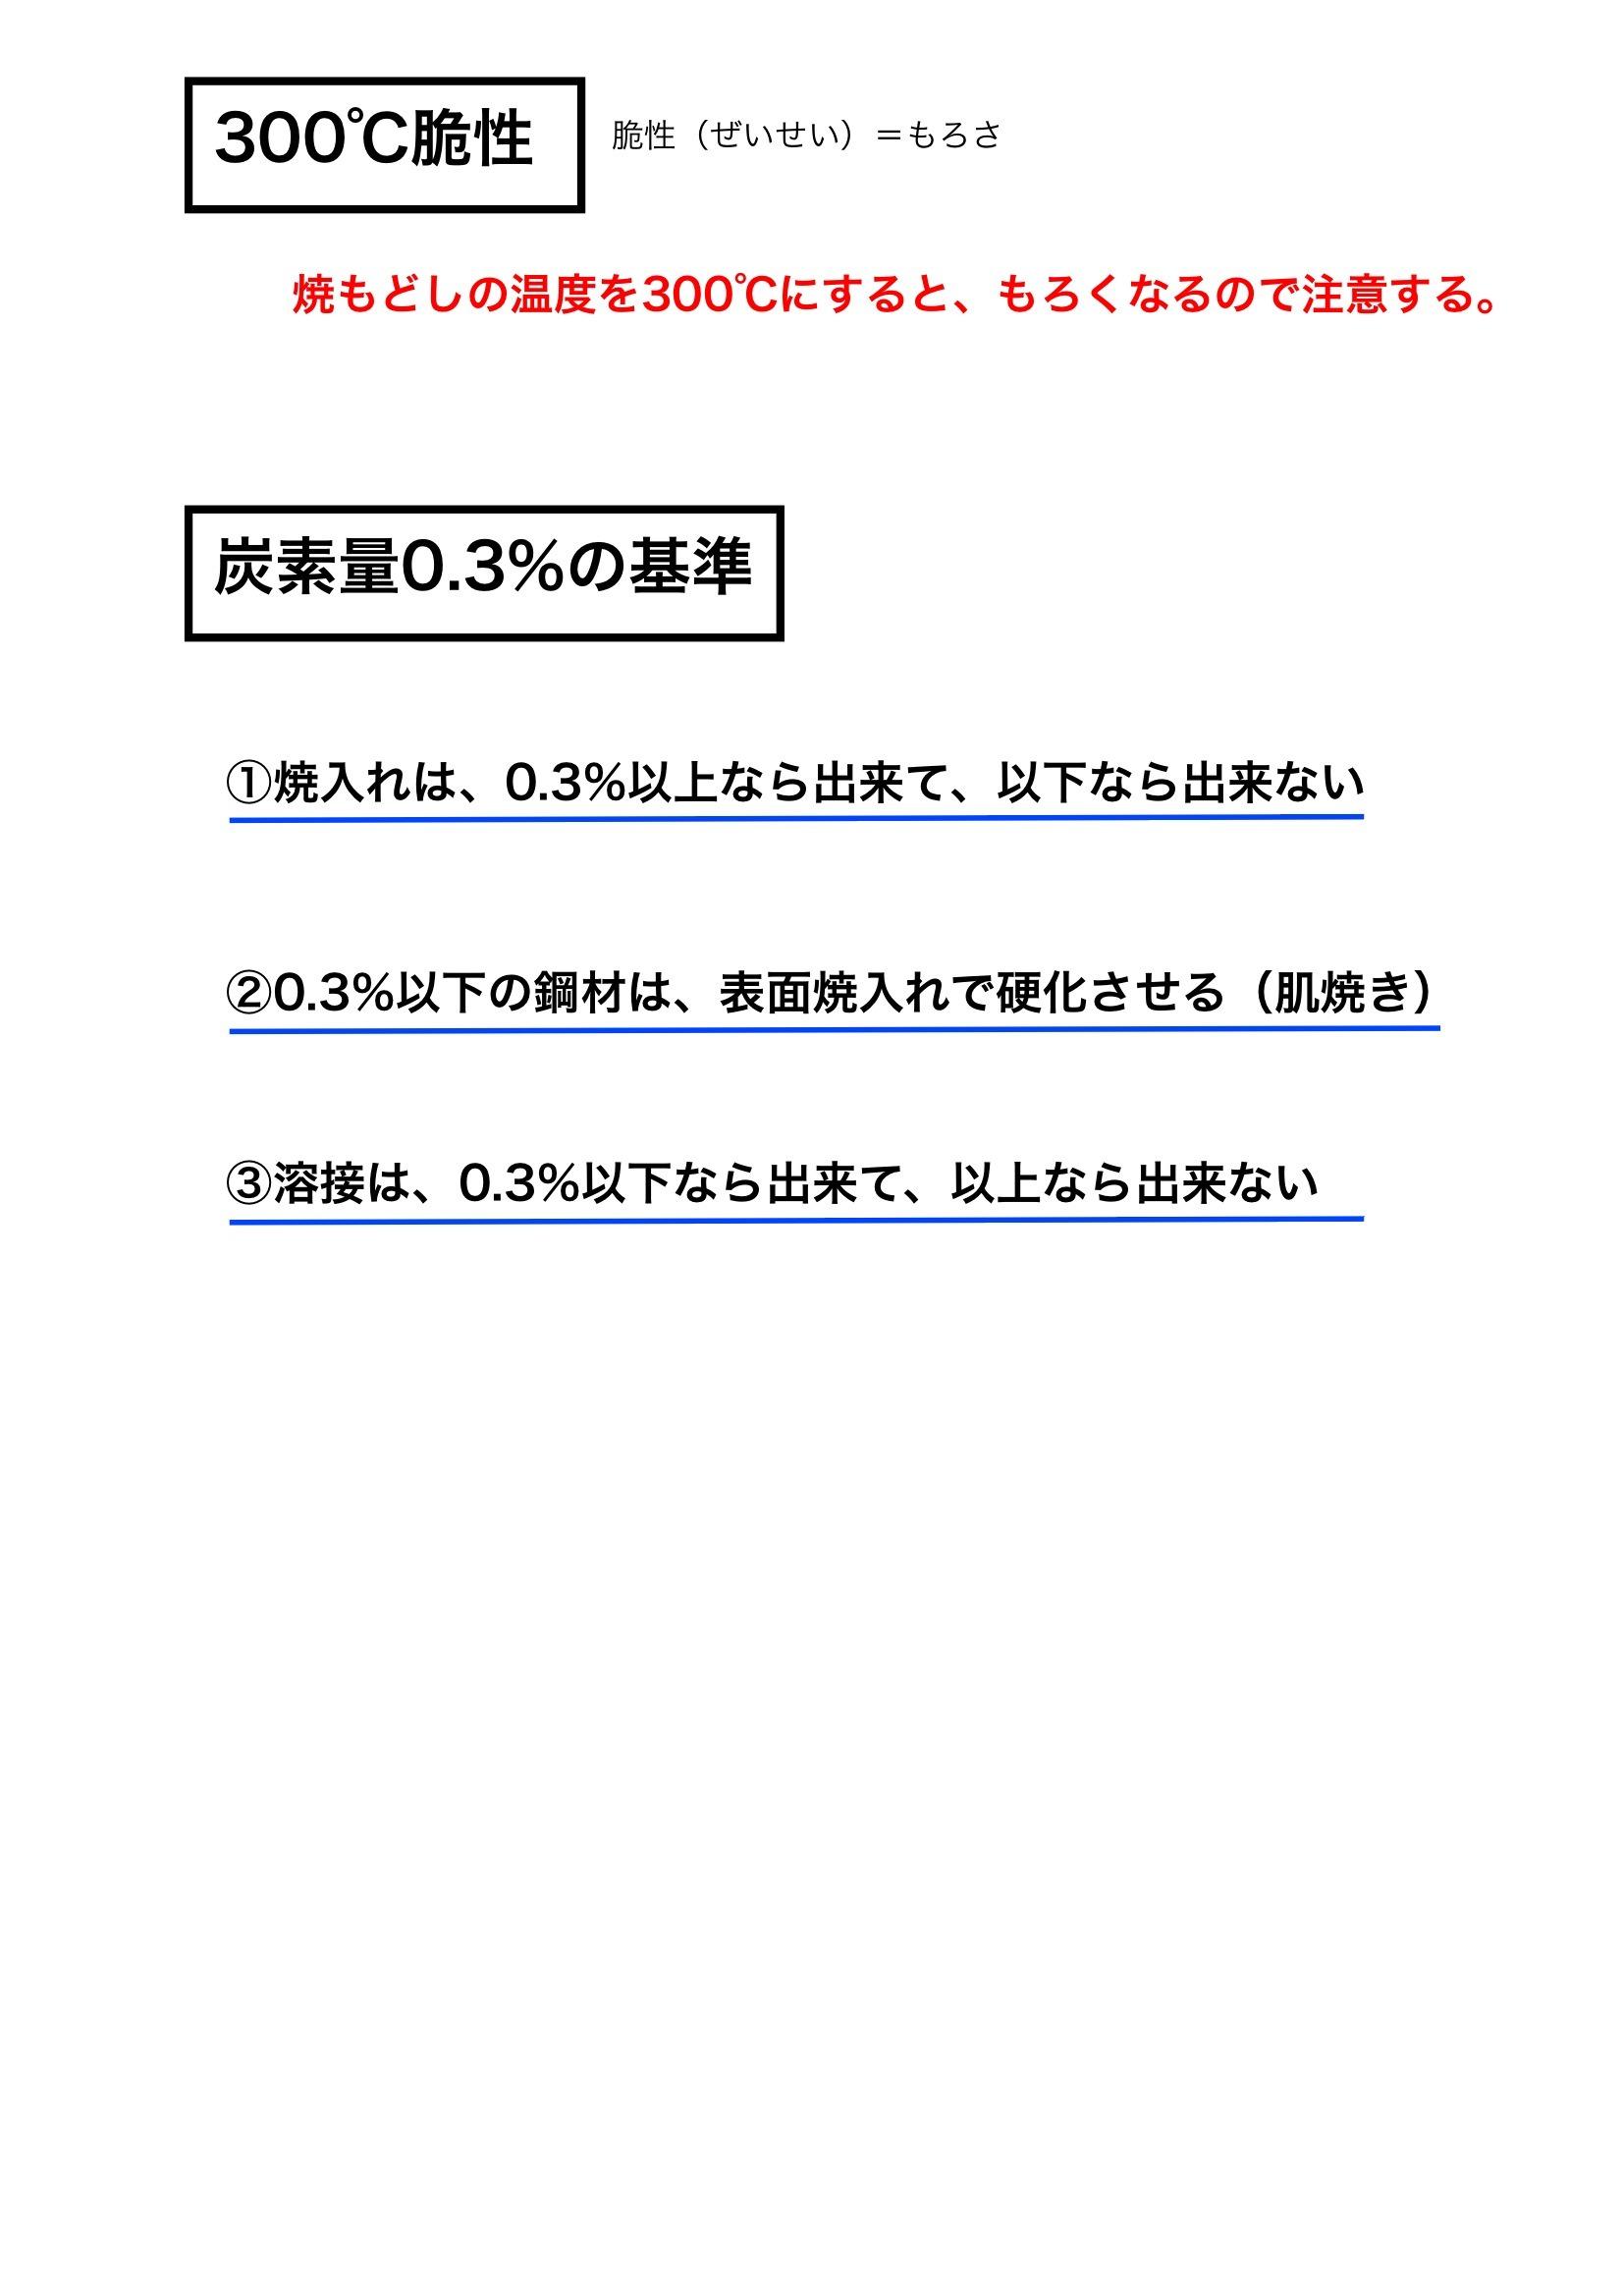 【鉄】熱処理の概要_e0159646_5543176.jpg